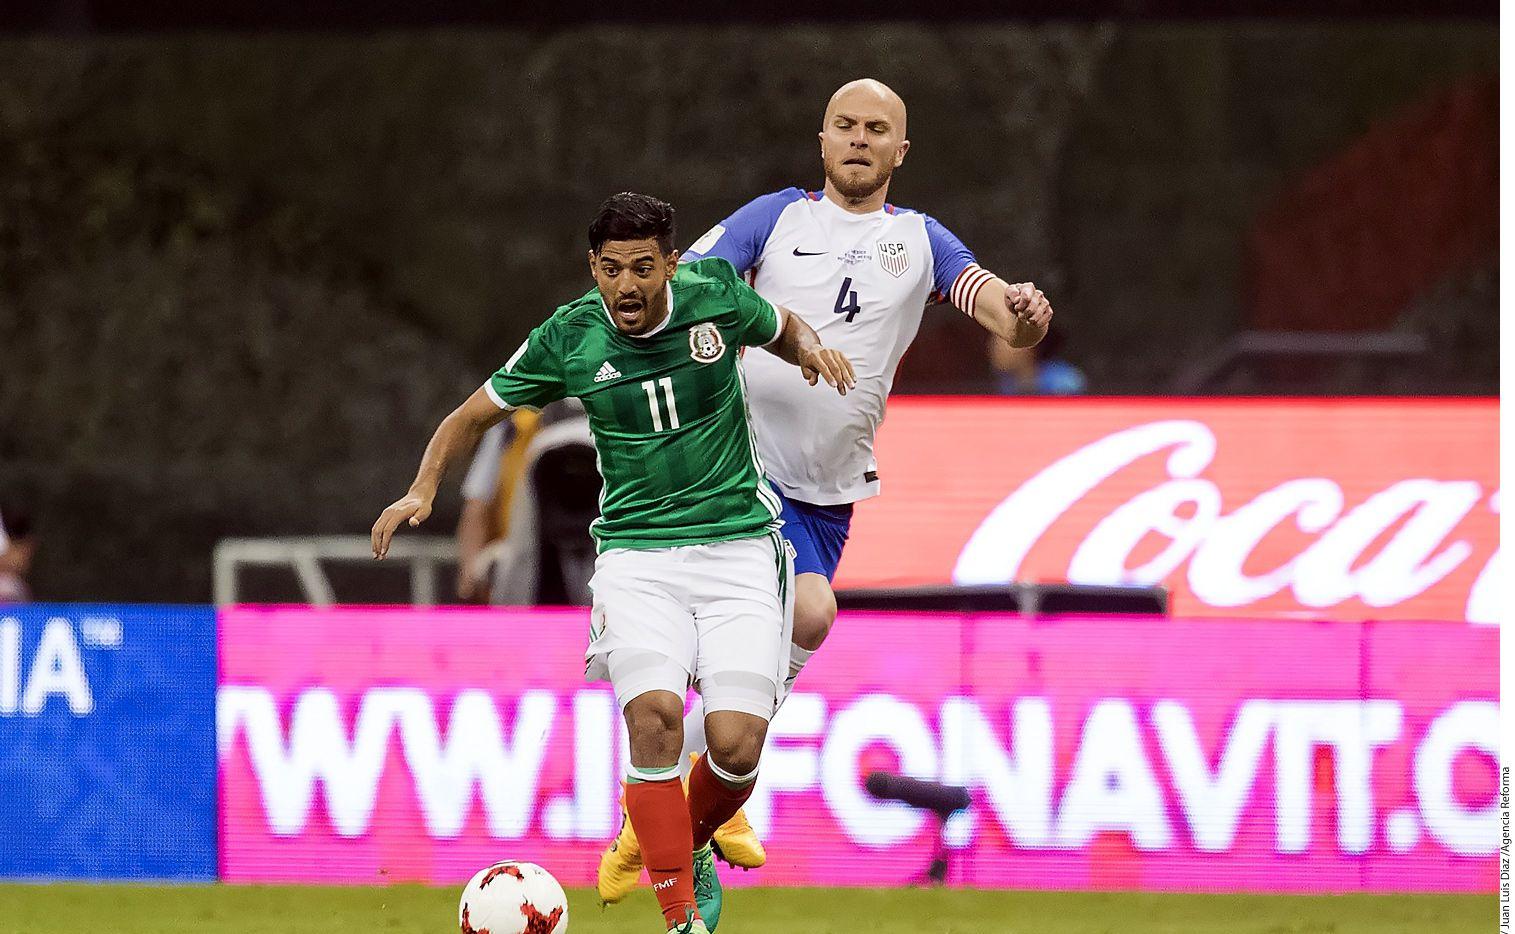 La directiva de la Real Sociedad tiene previsto anunciar en los próximos días la salida del delantero mexicano Carlos Vela, quien recalaría en la MLS./ AGENCIA REFORMA